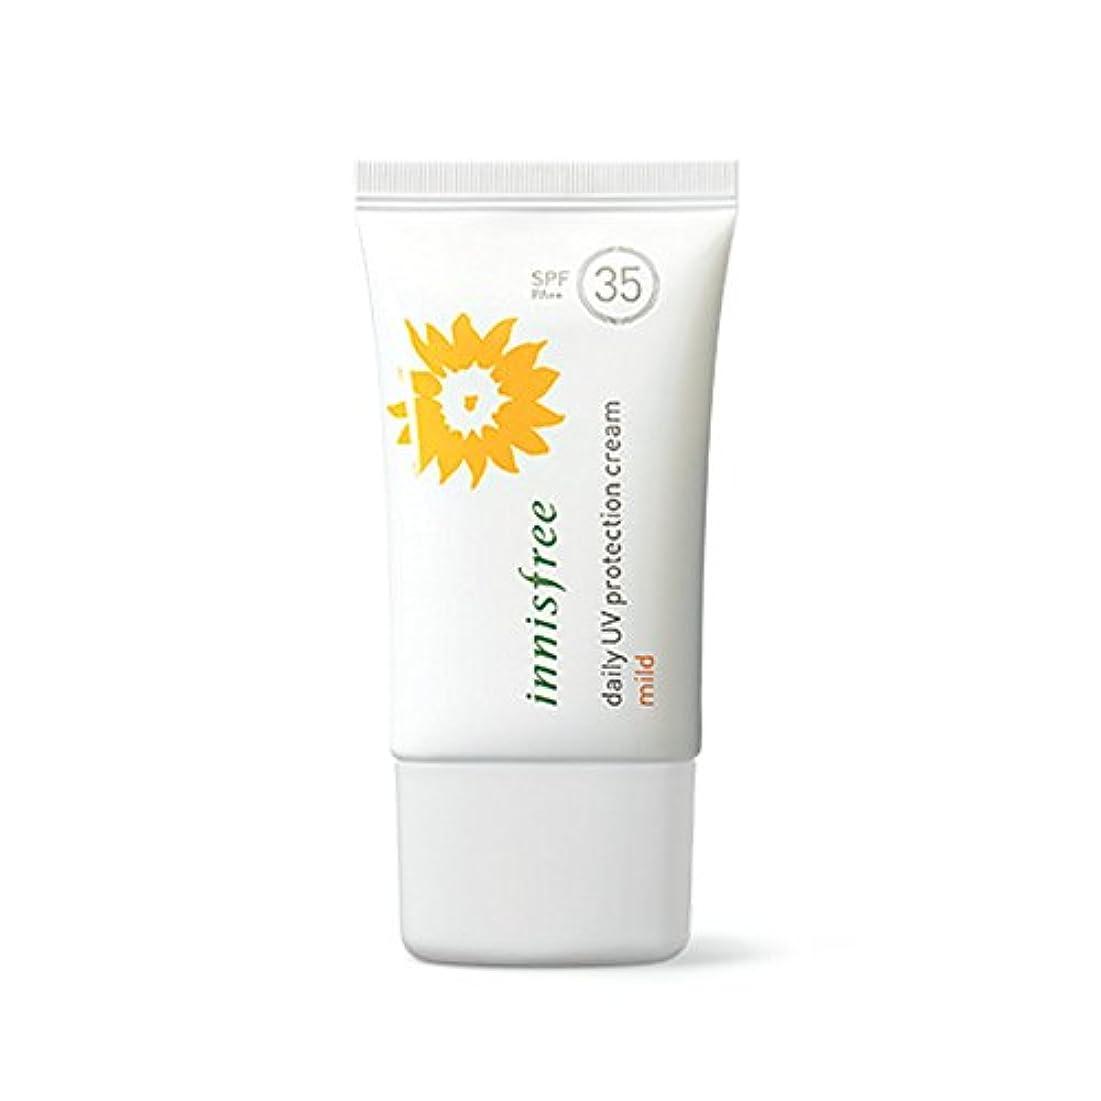 自治的歩き回るドアミラーイニスフリーデイリーUVプロテクションクリーム50mlマイルドSPF35 + PA ++ Innisfree Daily UV Protection Cream 50ml Mild SPF35+ PA++ [海外直送品]...